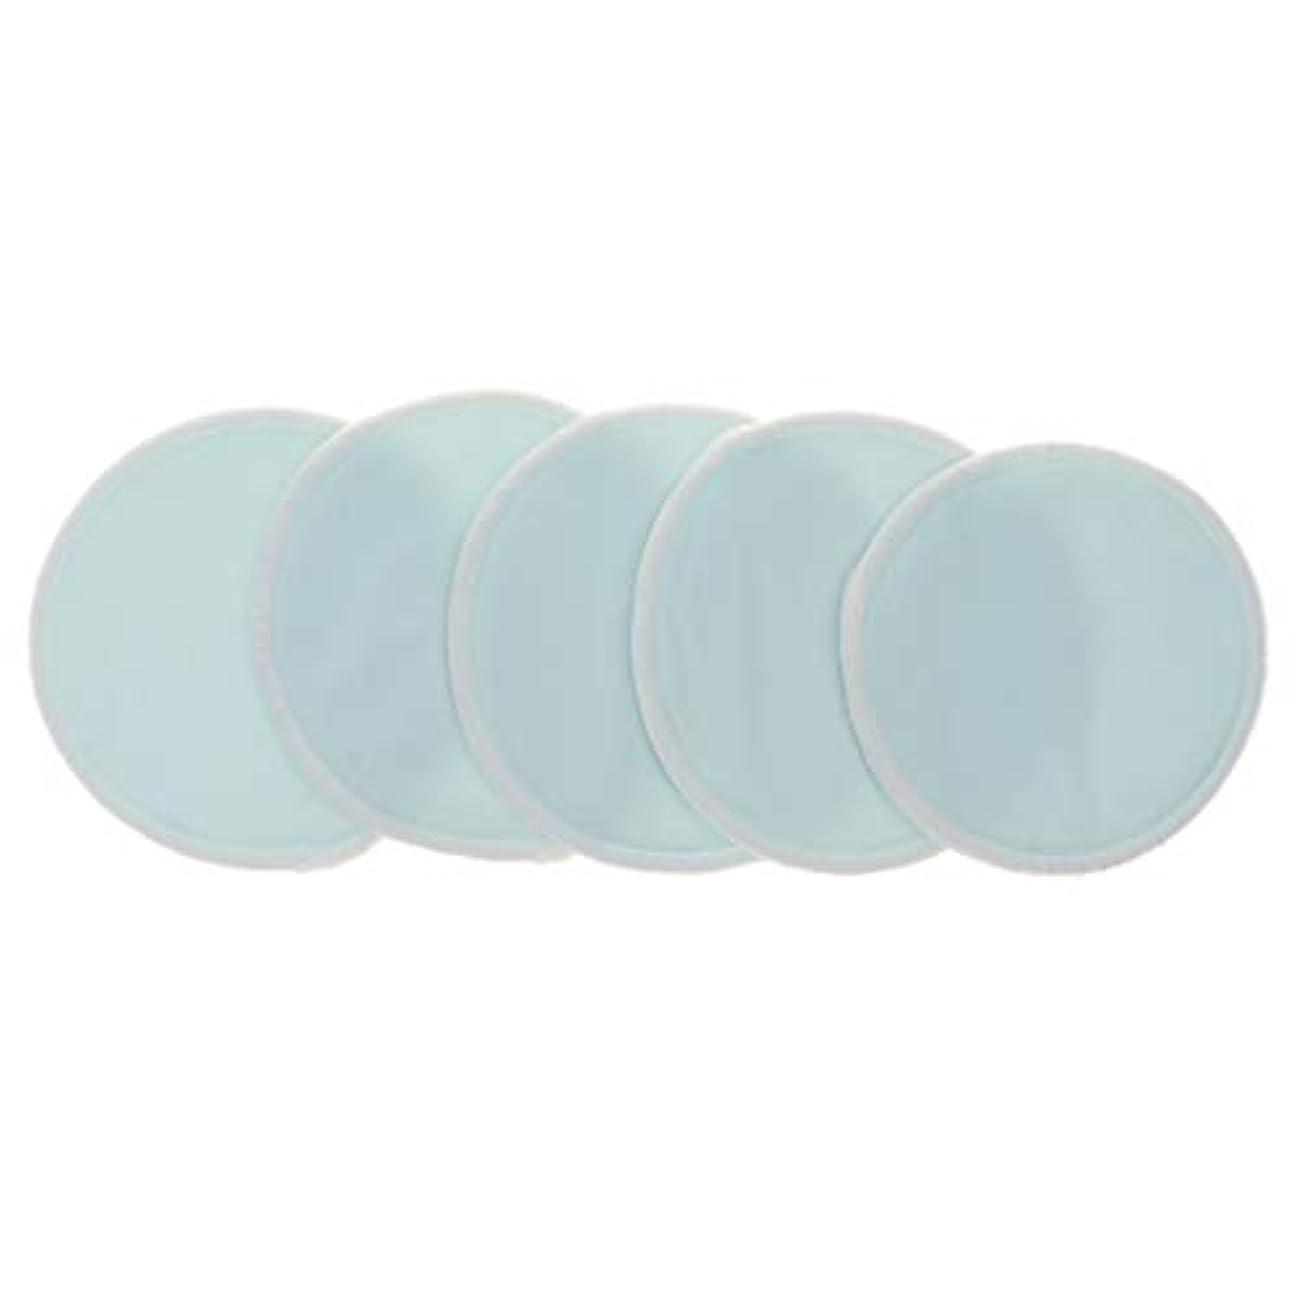 スリル突っ込むチューブKESOTO 全5色 胸パッド クレンジングシート メイクアップ 竹繊維 12cm 洗える 再使用可 実用的 5個入 - 青